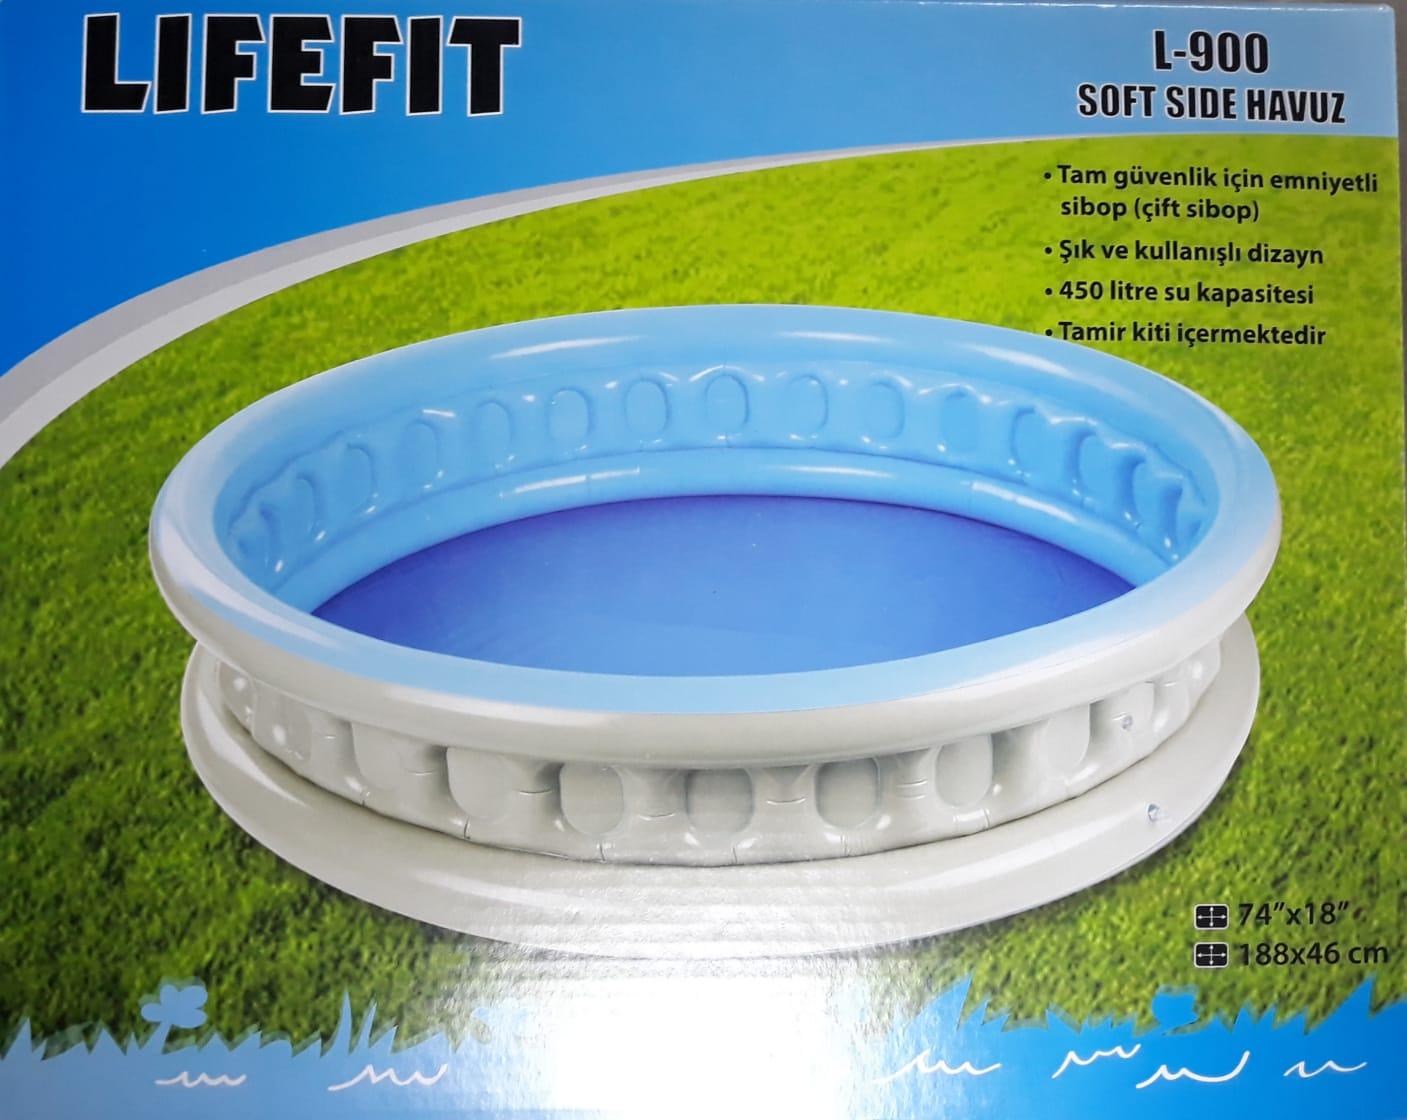 lifefit-l-900-soft-side-havuz-188-x-46-c